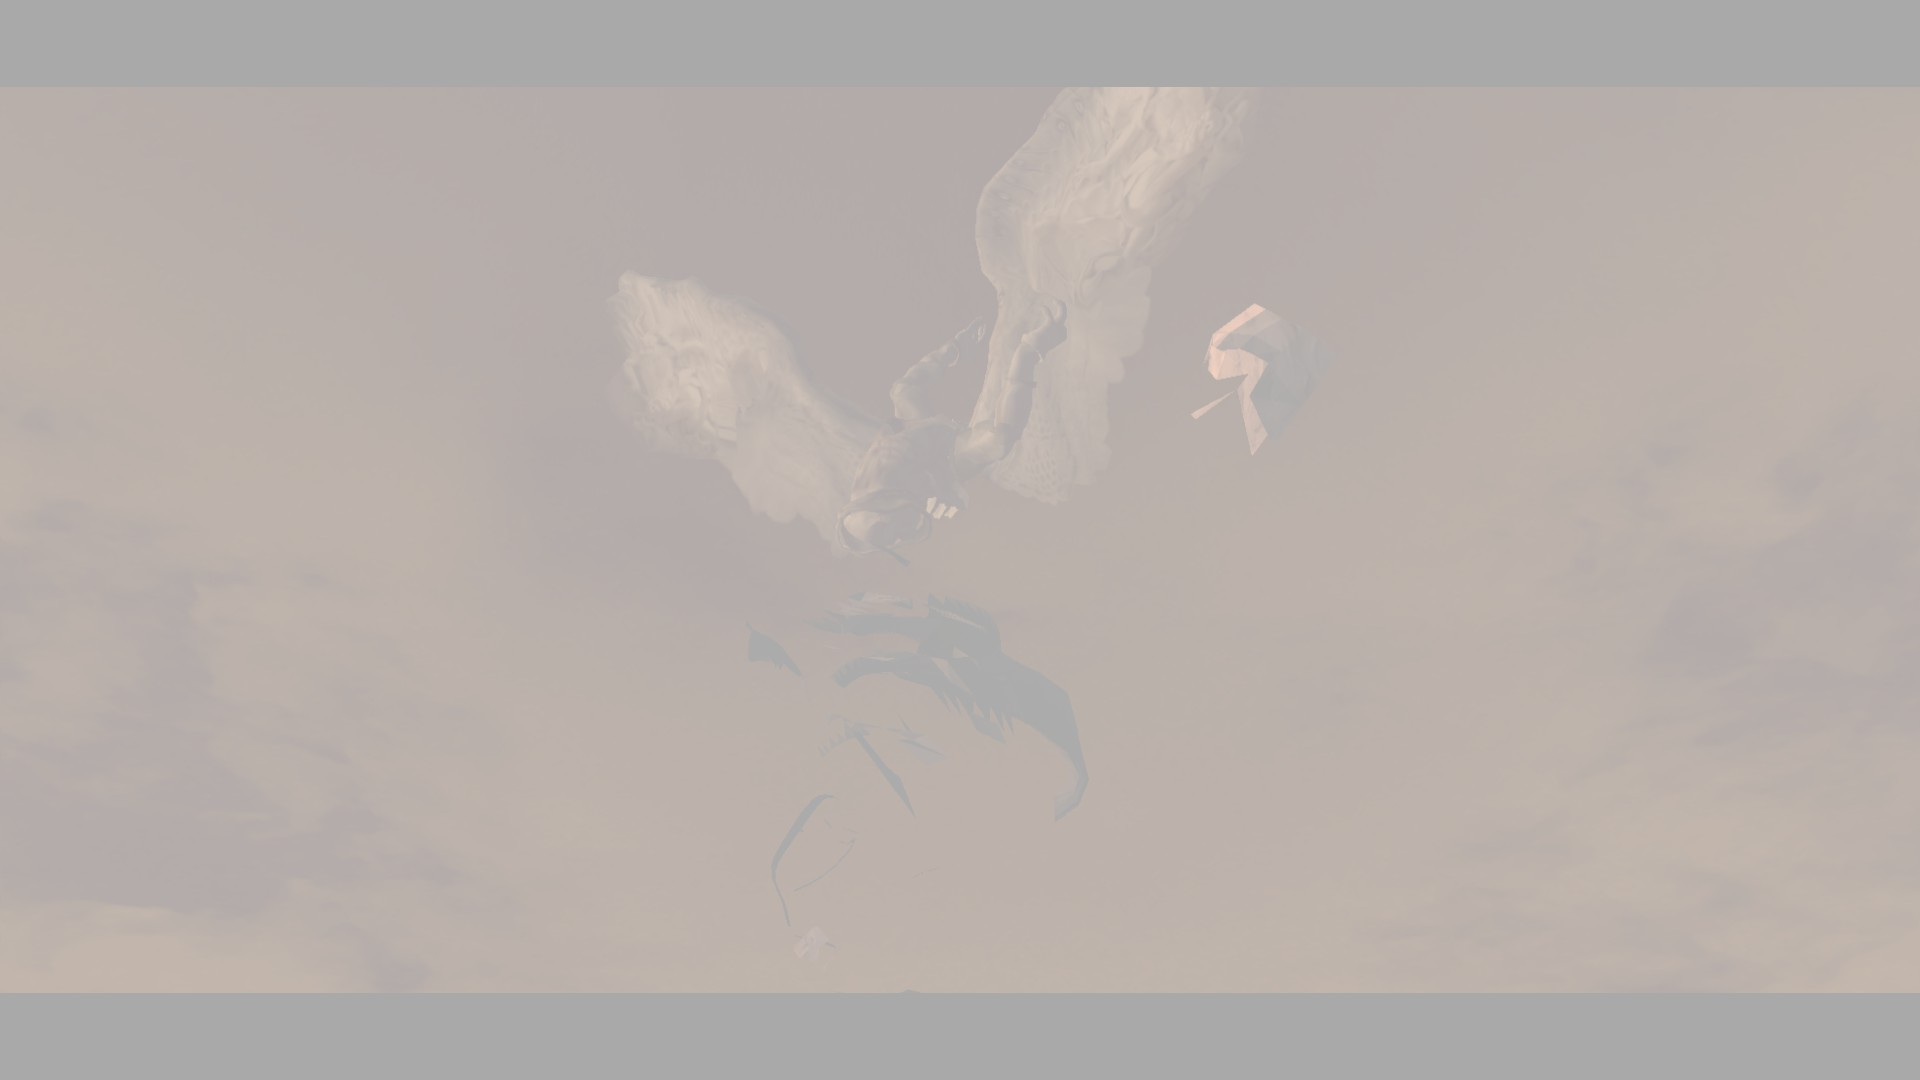 Пост-прохождение Devil May Cry Часть 8 ФИНАЛ. - Изображение 23